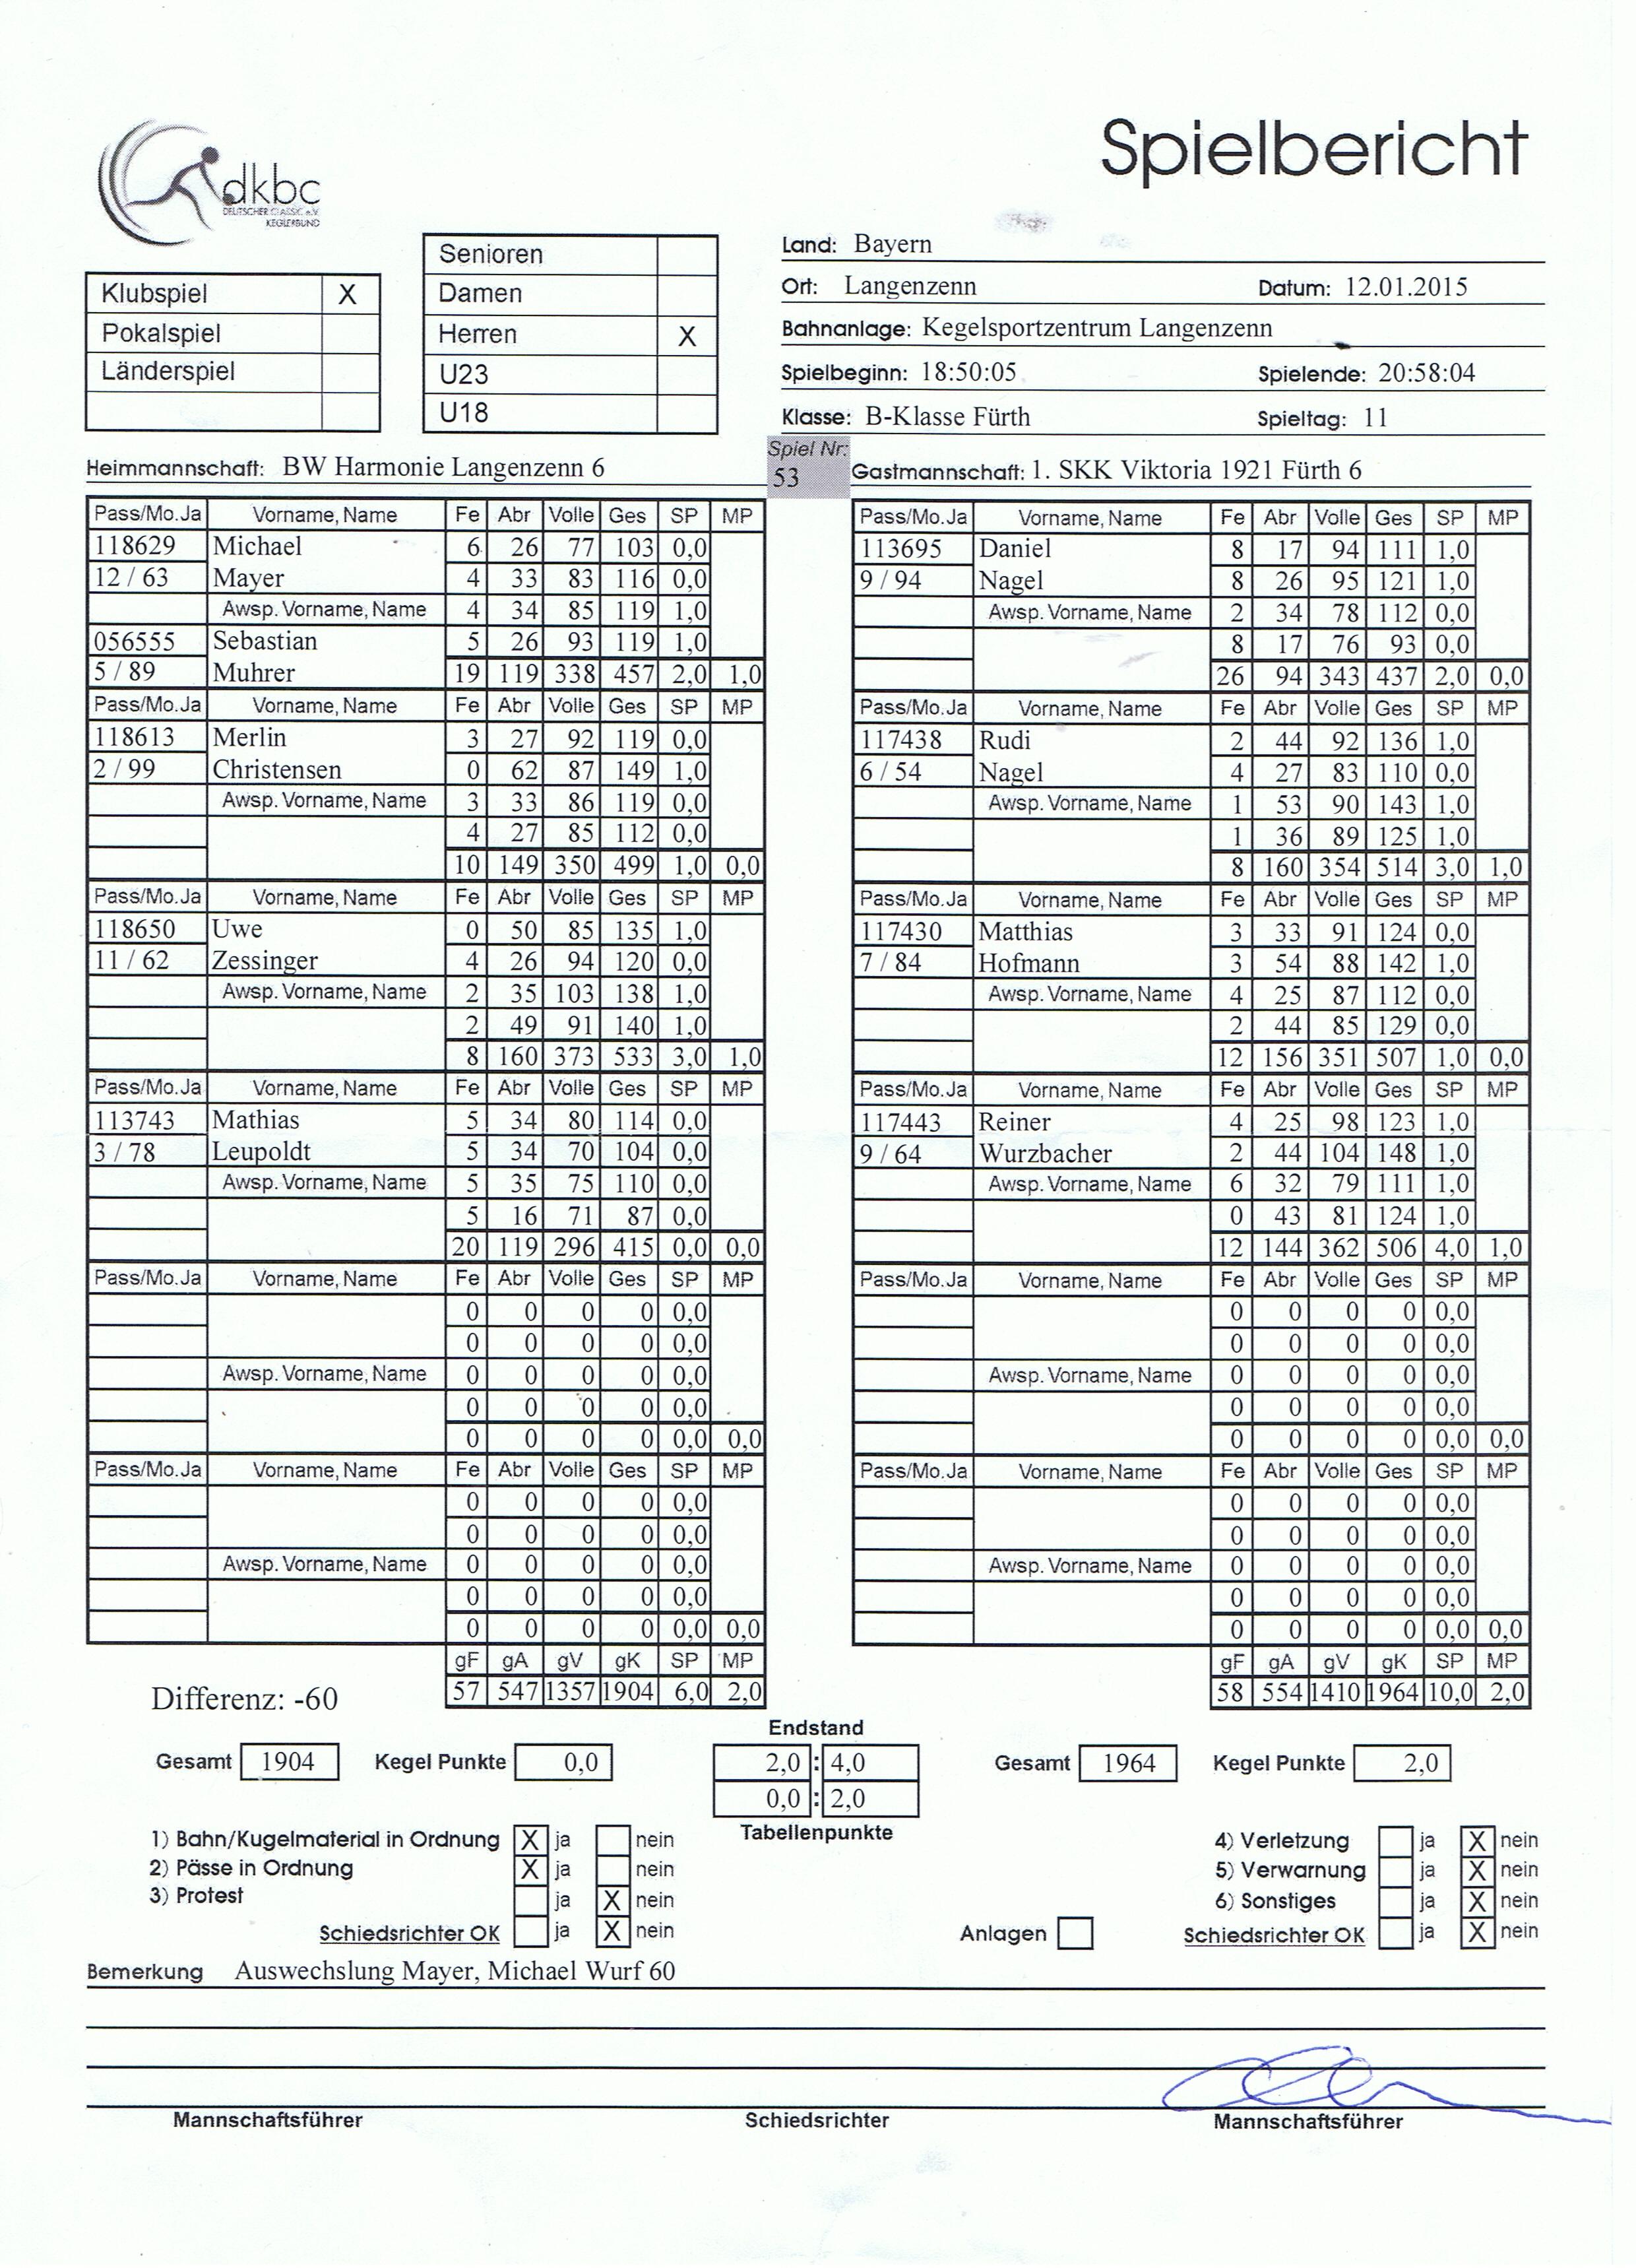 BWHarmLgz6-V6